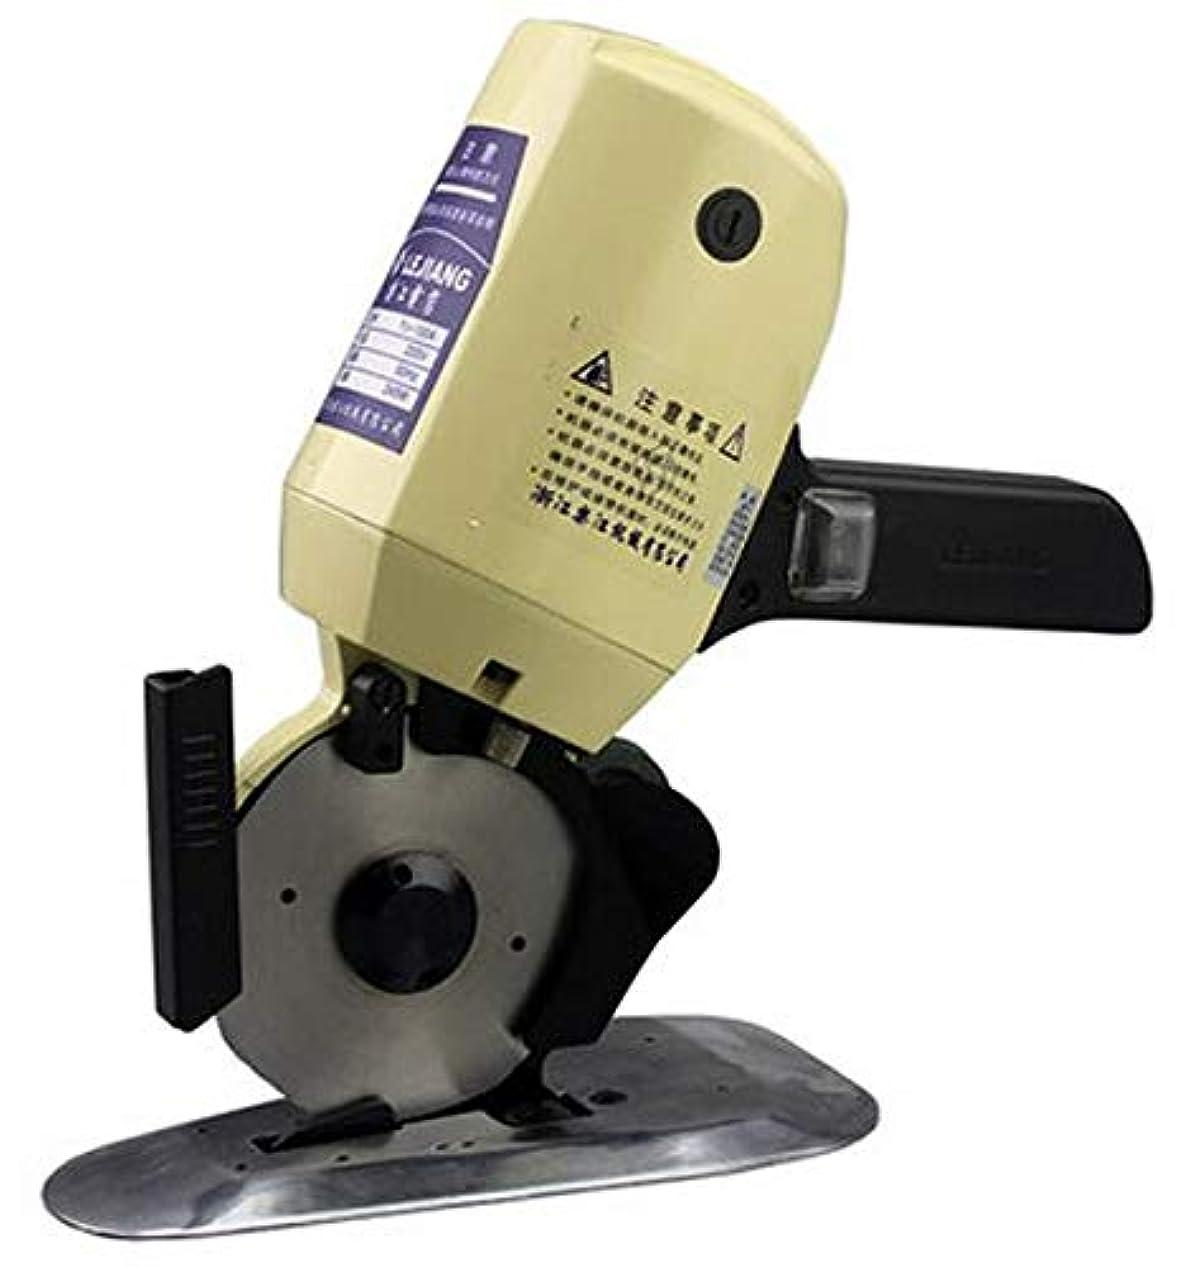 クラシカル攻撃的確立Hanchen YJ-100A 電動カッター 切断厚み25mm(0.98インチ) 手持ち式切断機 厚手の布/レザー/合皮/雑材などを切る用に Φ100mm替刃 (110V)